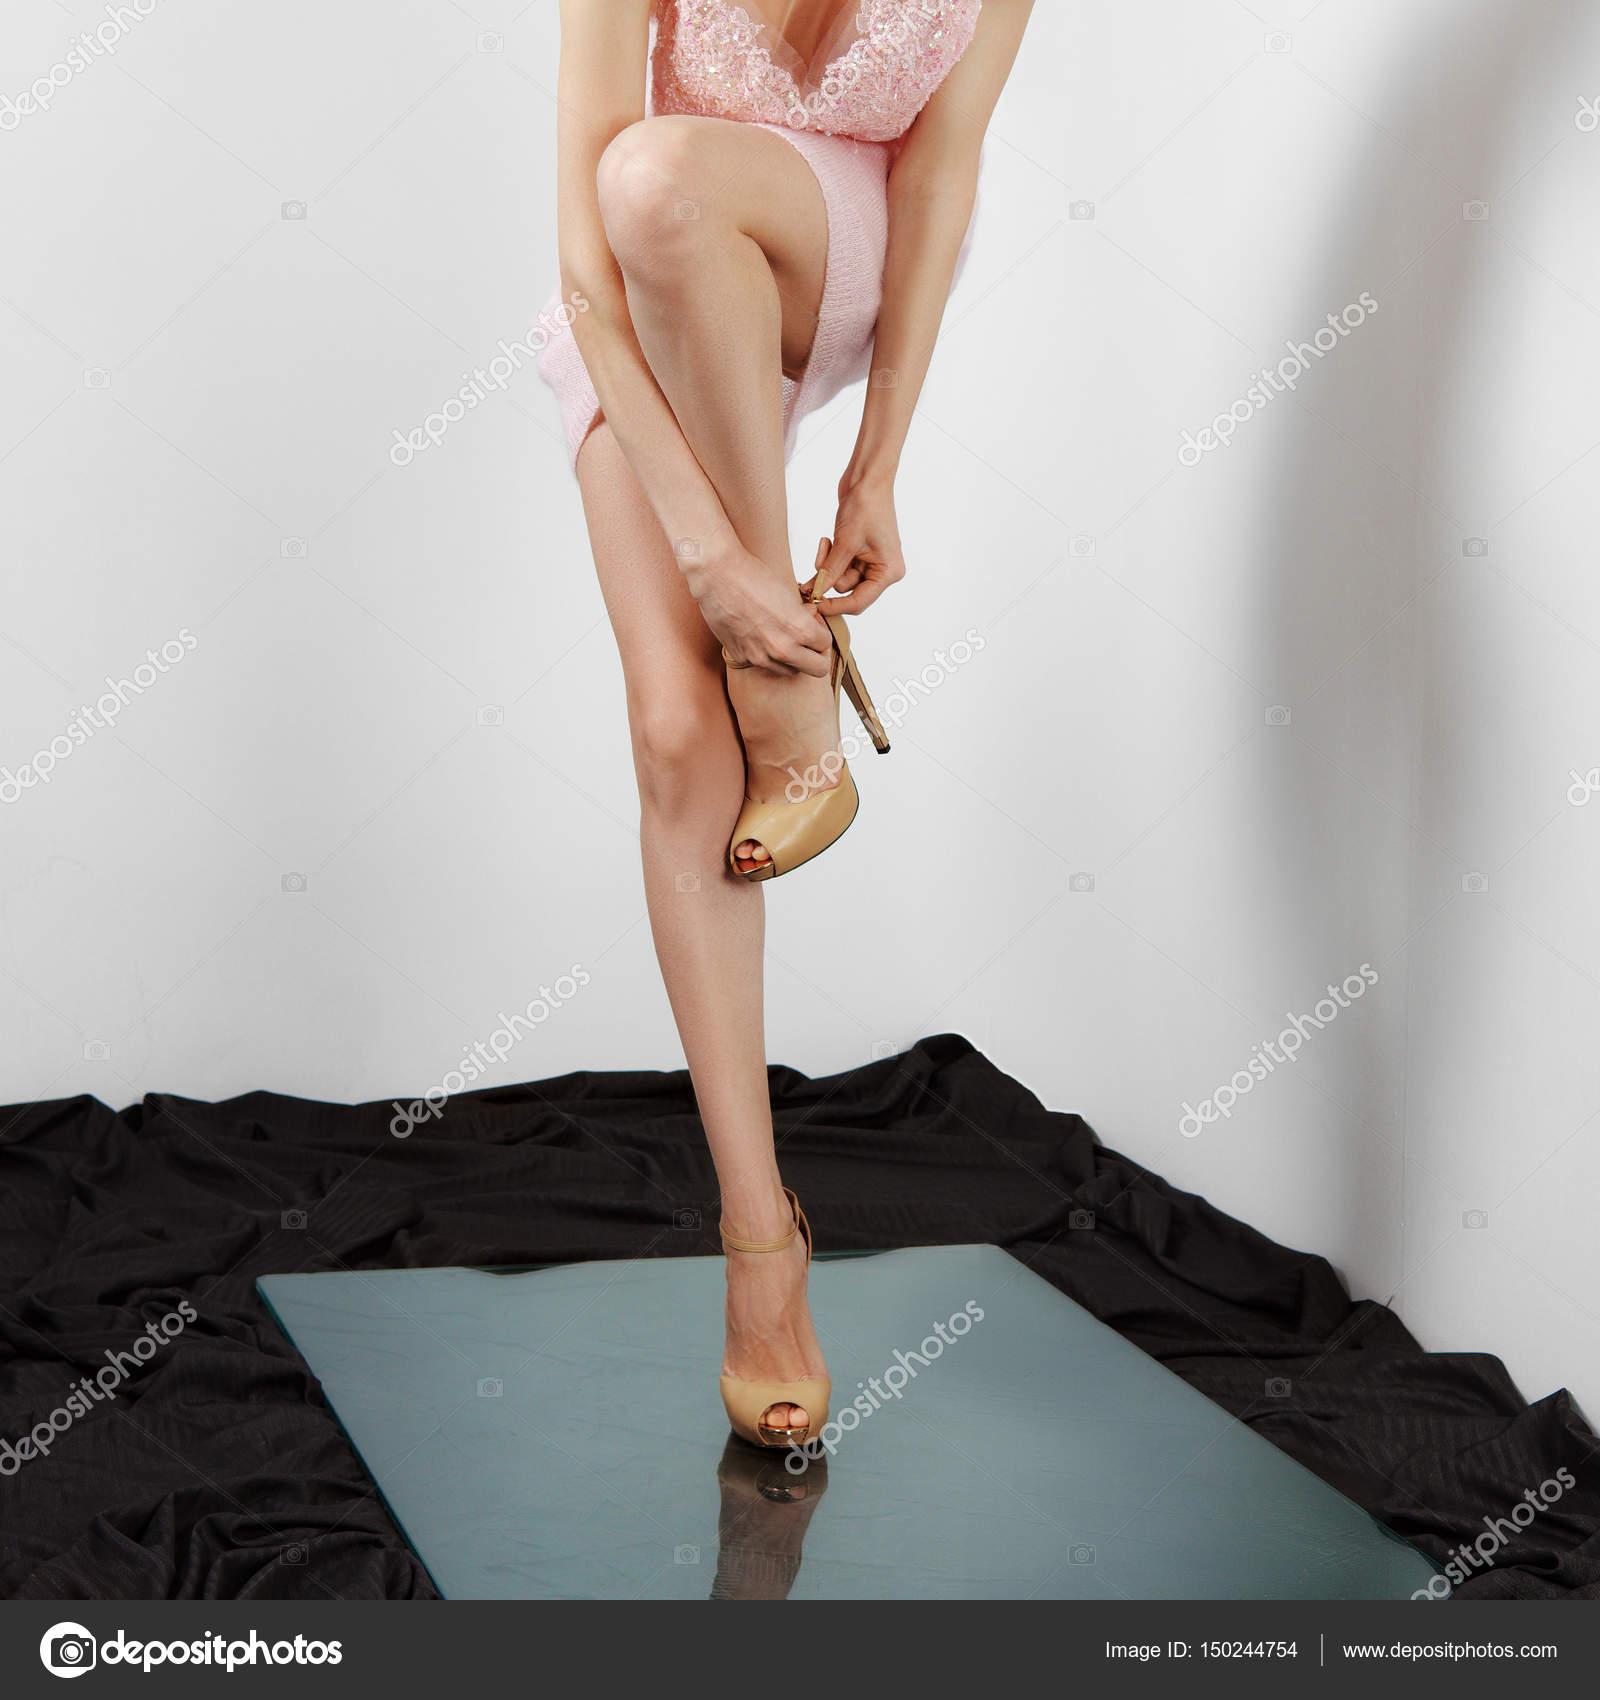 c376456e25 Γυμνά γυναικεία πόδια στα παπούτσια υψηλής φτέρνα. Δέστε τη ζώνη παπούτσι–  εικόνα αρχείου